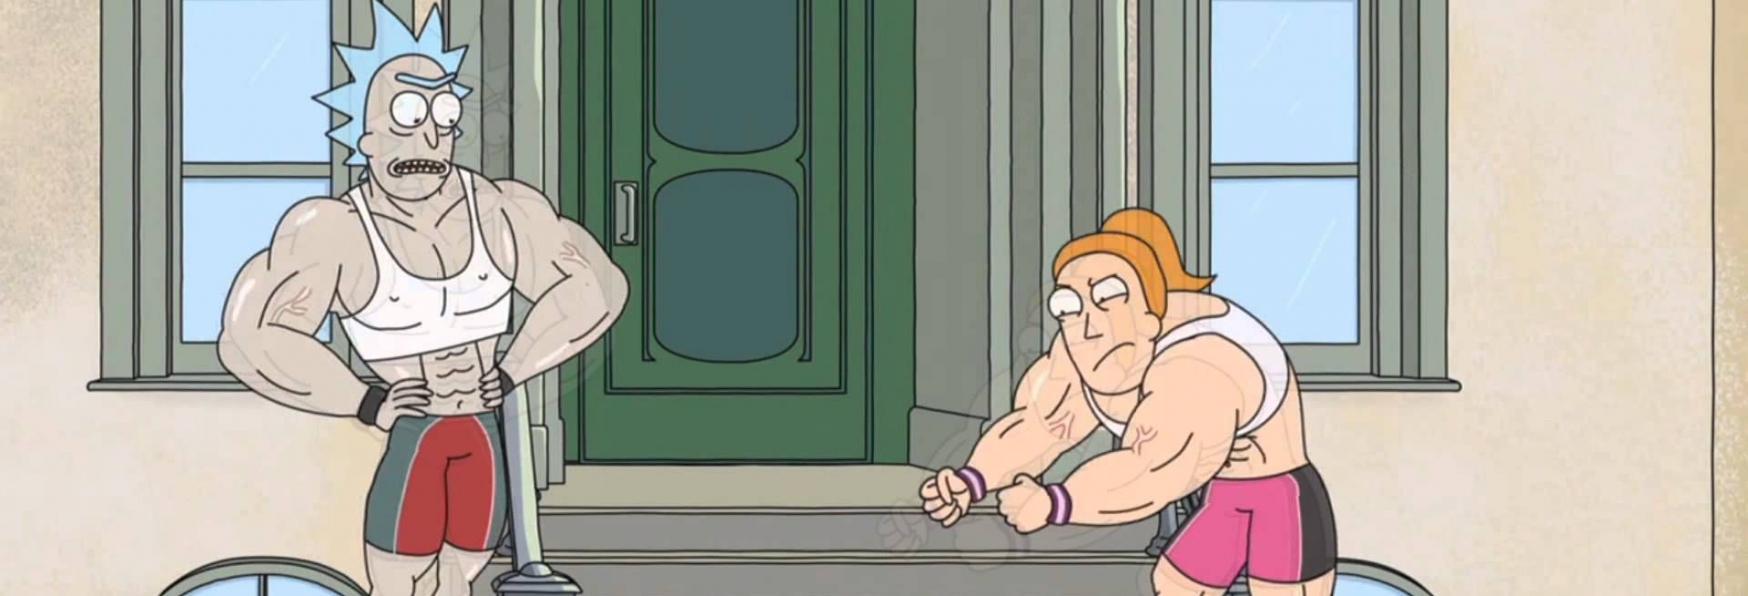 Rick and Morty: il Tributo della Serie Animata al Rapper e Attore DMX